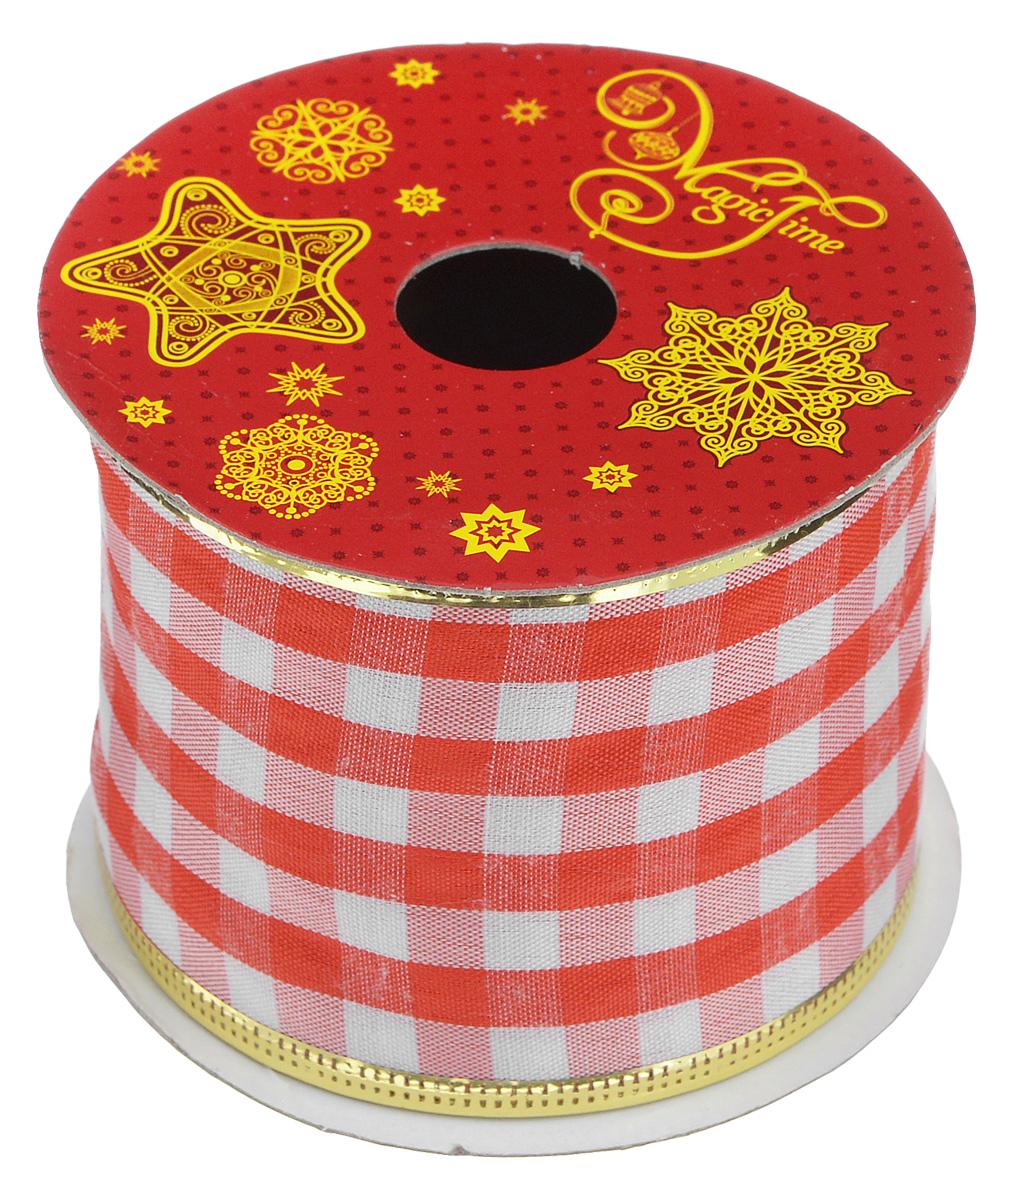 Декоративная лента Magic Time, цвет: белый, красный, длина 2,7 м. 3889738897Декоративная лента Magic Time выполнена из высококачественного полиэстера. В края ленты вставлена проволока, благодаря чему ее легко фиксировать. Лента предназначена для оформления подарочных коробок, пакетов. Кроме того, декоративная лента с успехом применяется для художественного оформления витрин, праздничного оформления помещений, изготовления искусственных цветов. Декоративная лента украсит интерьер вашего дома к праздникам.Ширина ленты: 6,3 см.